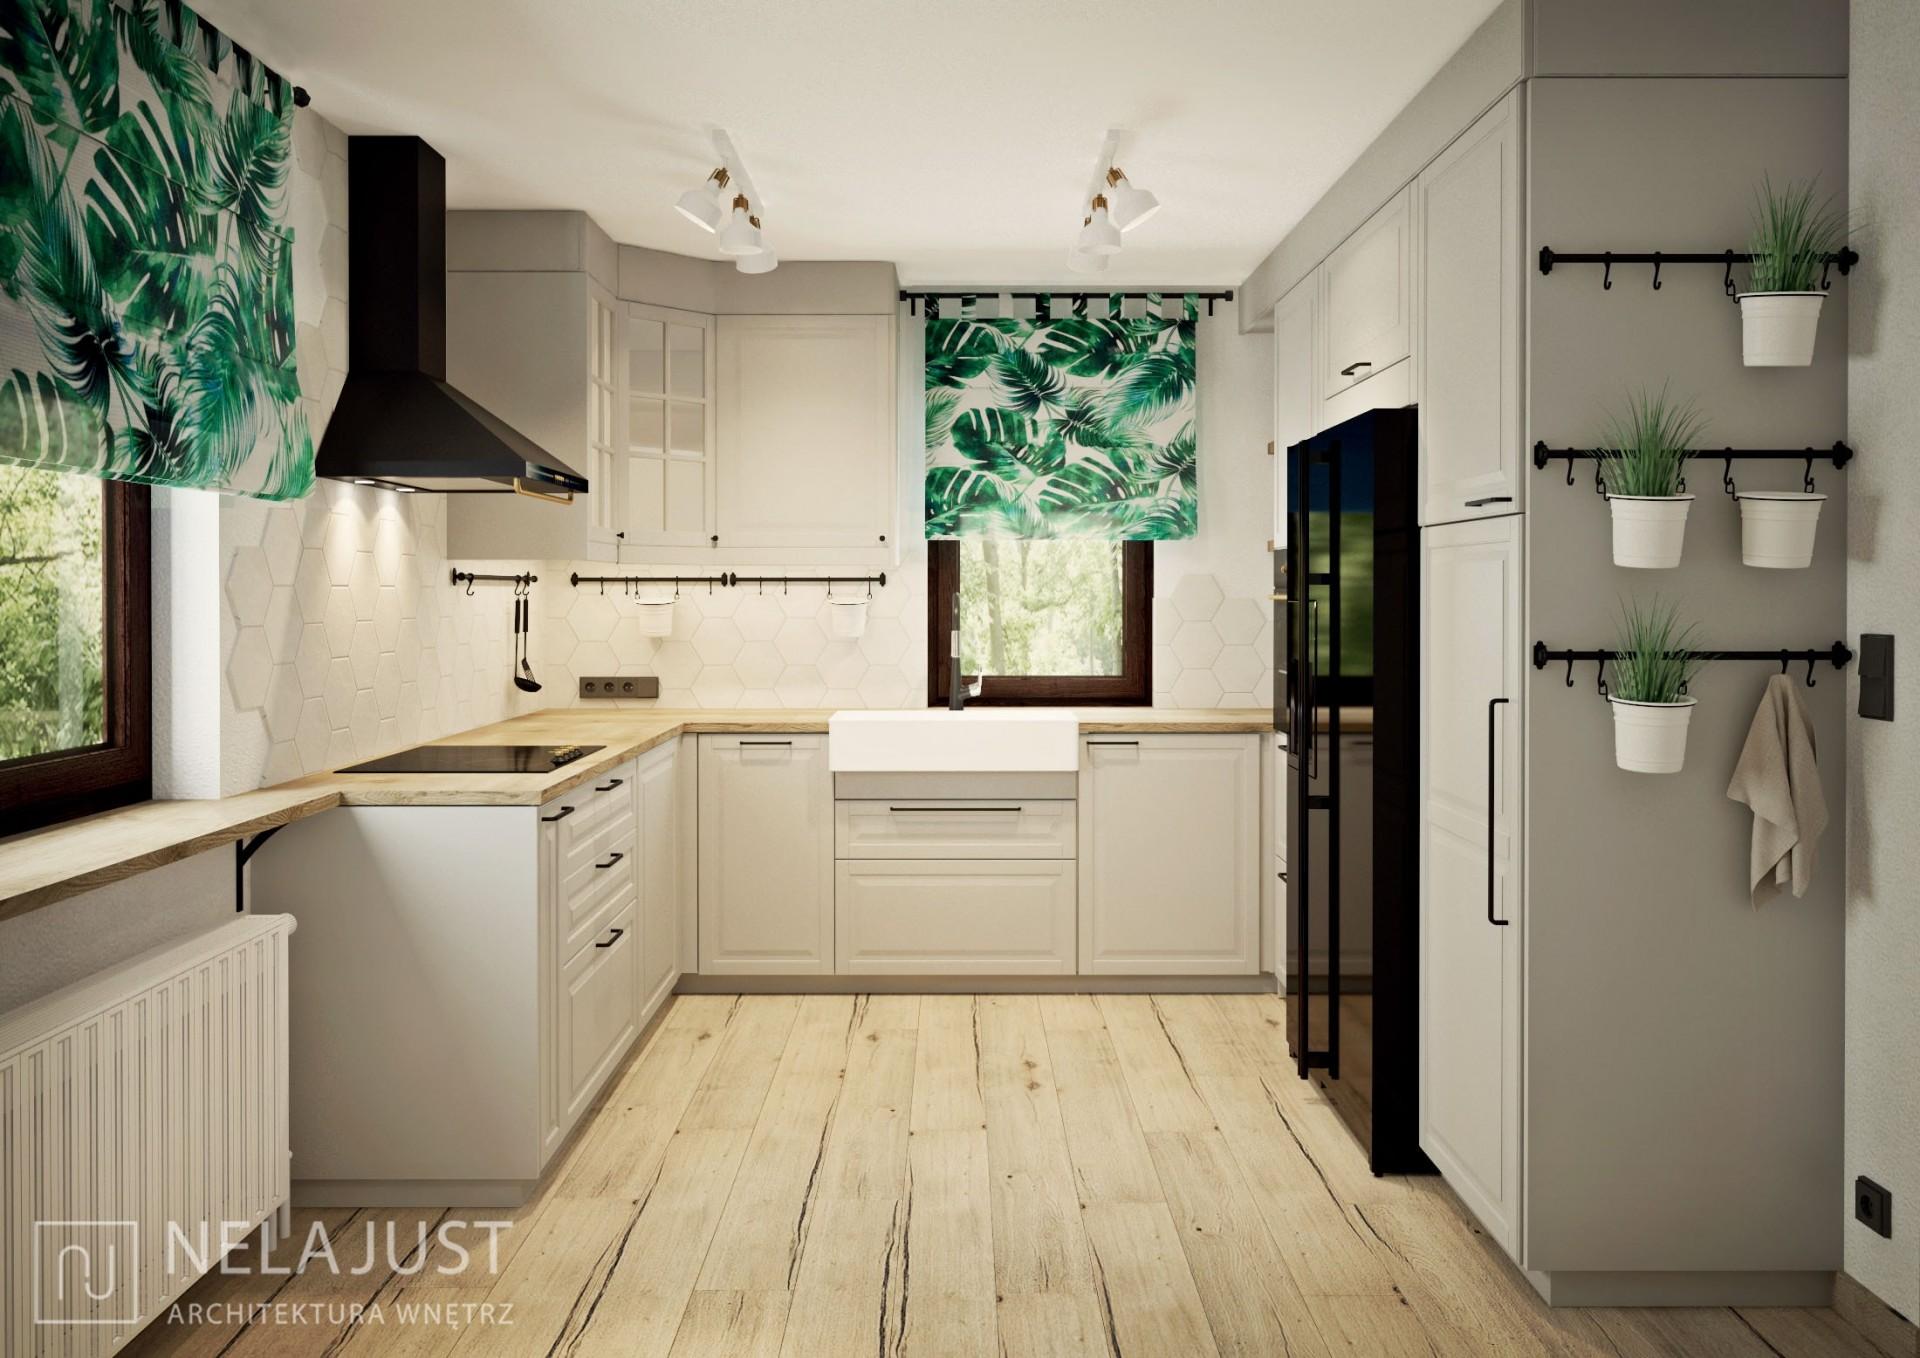 lodówka side by side - wymiary i pozycja w kuchni